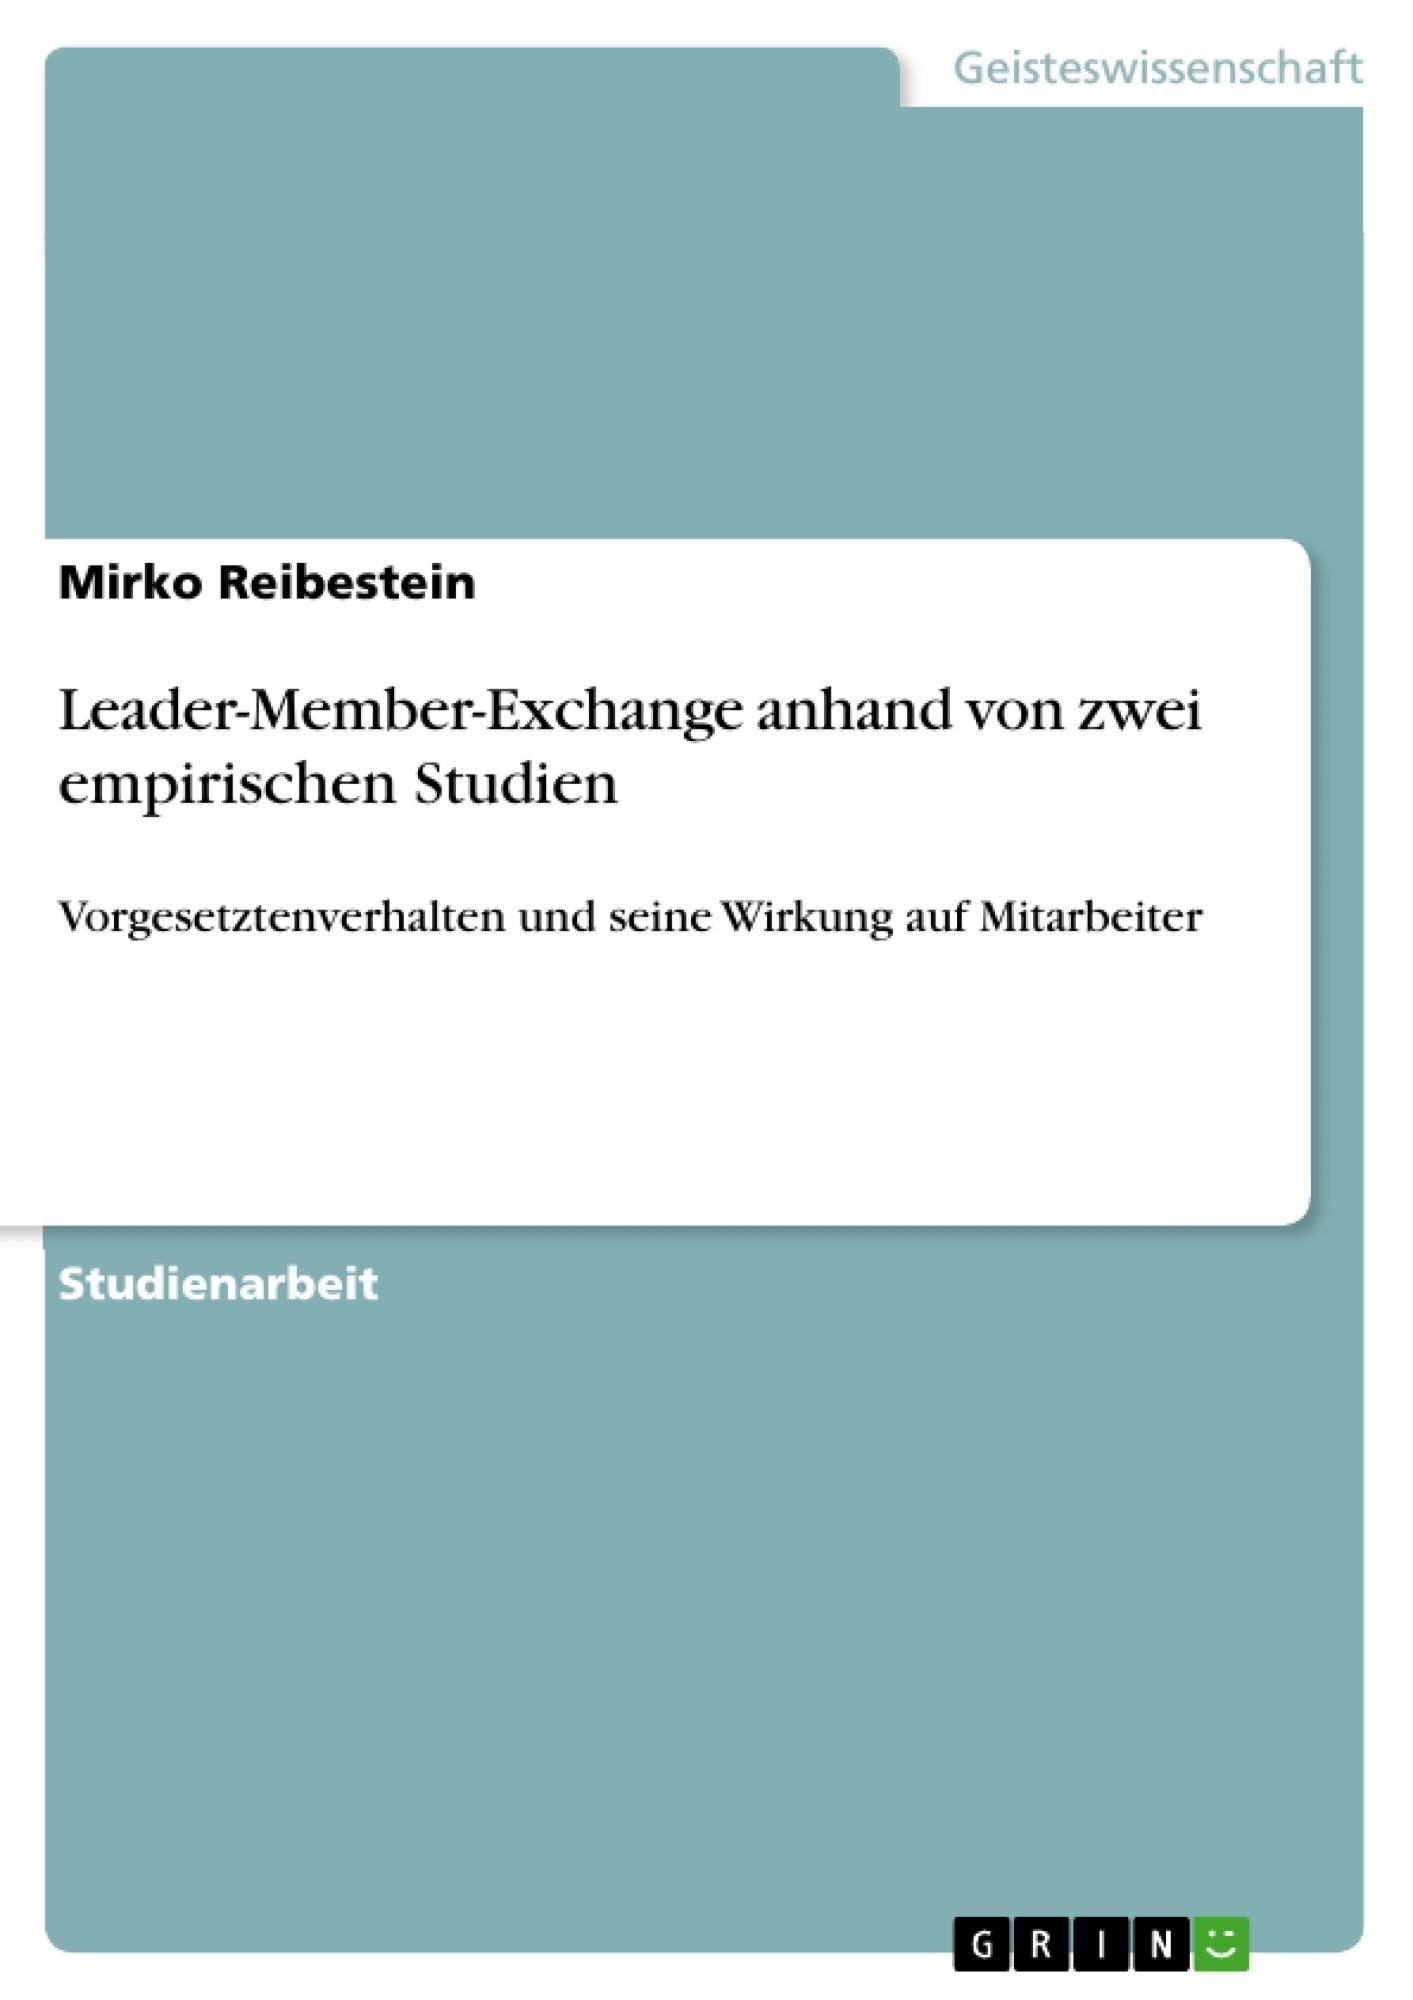 Titel: Leader-Member-Exchange anhand von zwei empirischen Studien